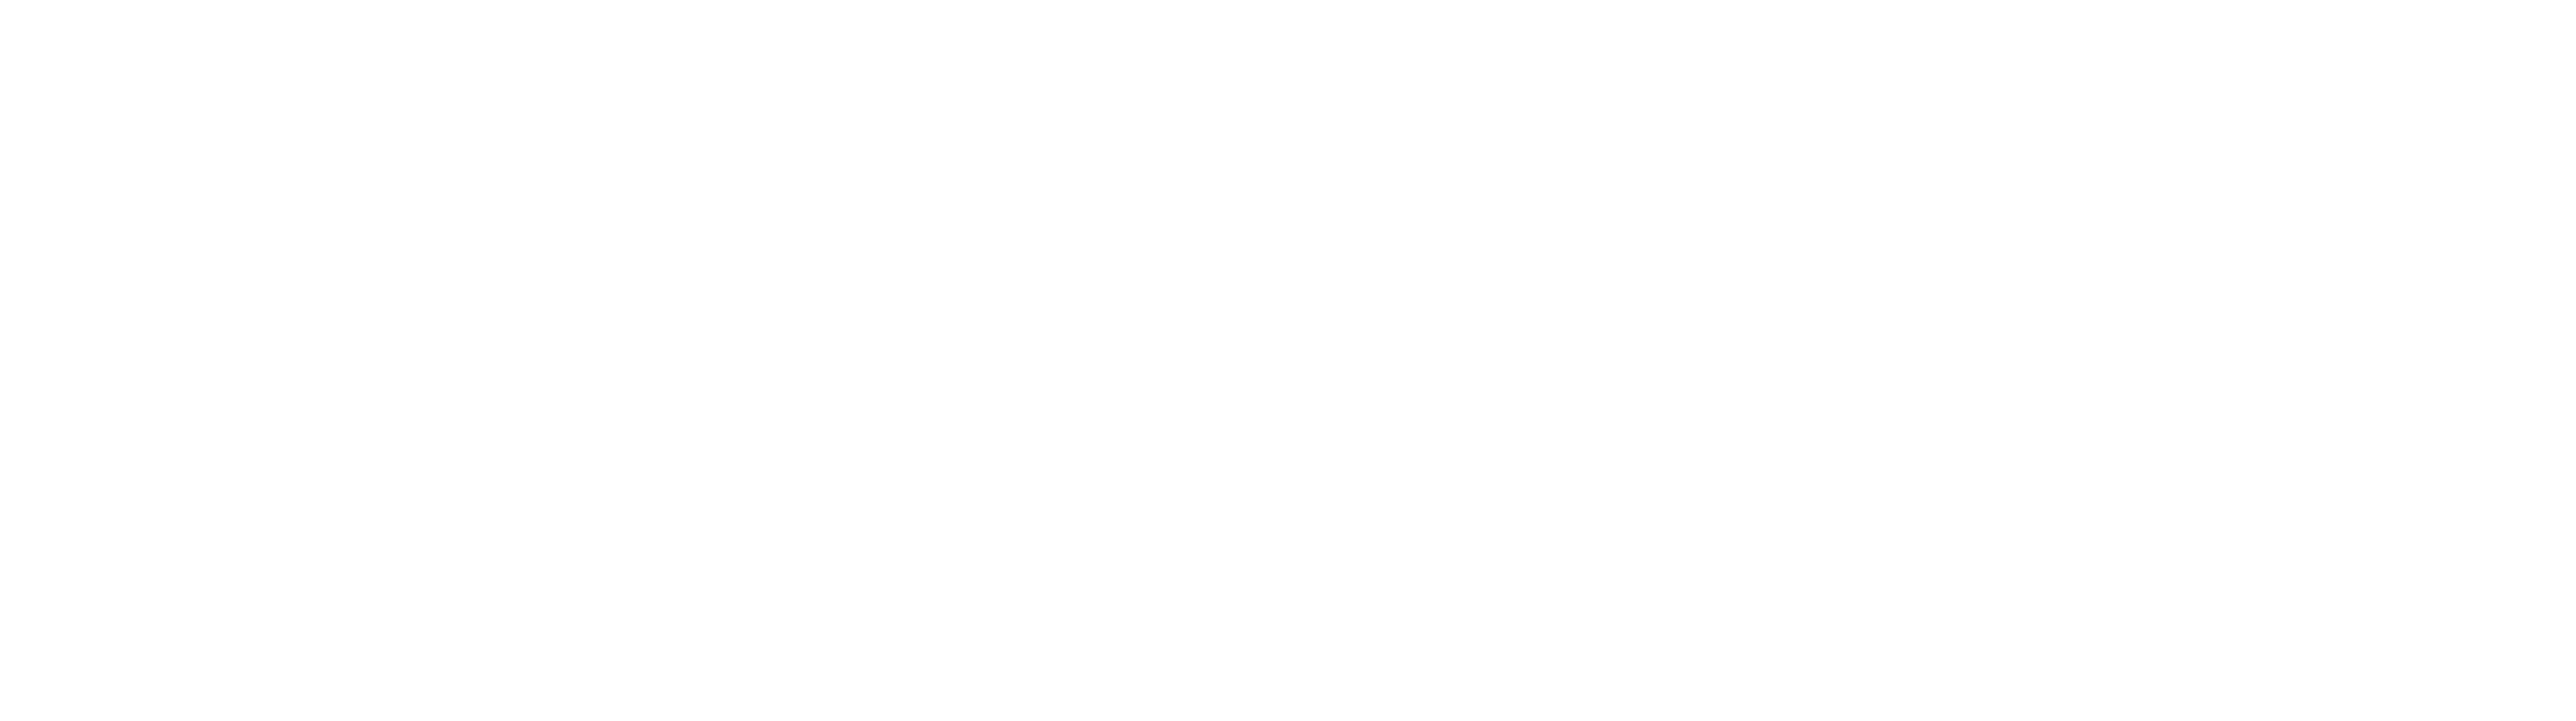 eduspot 1 white